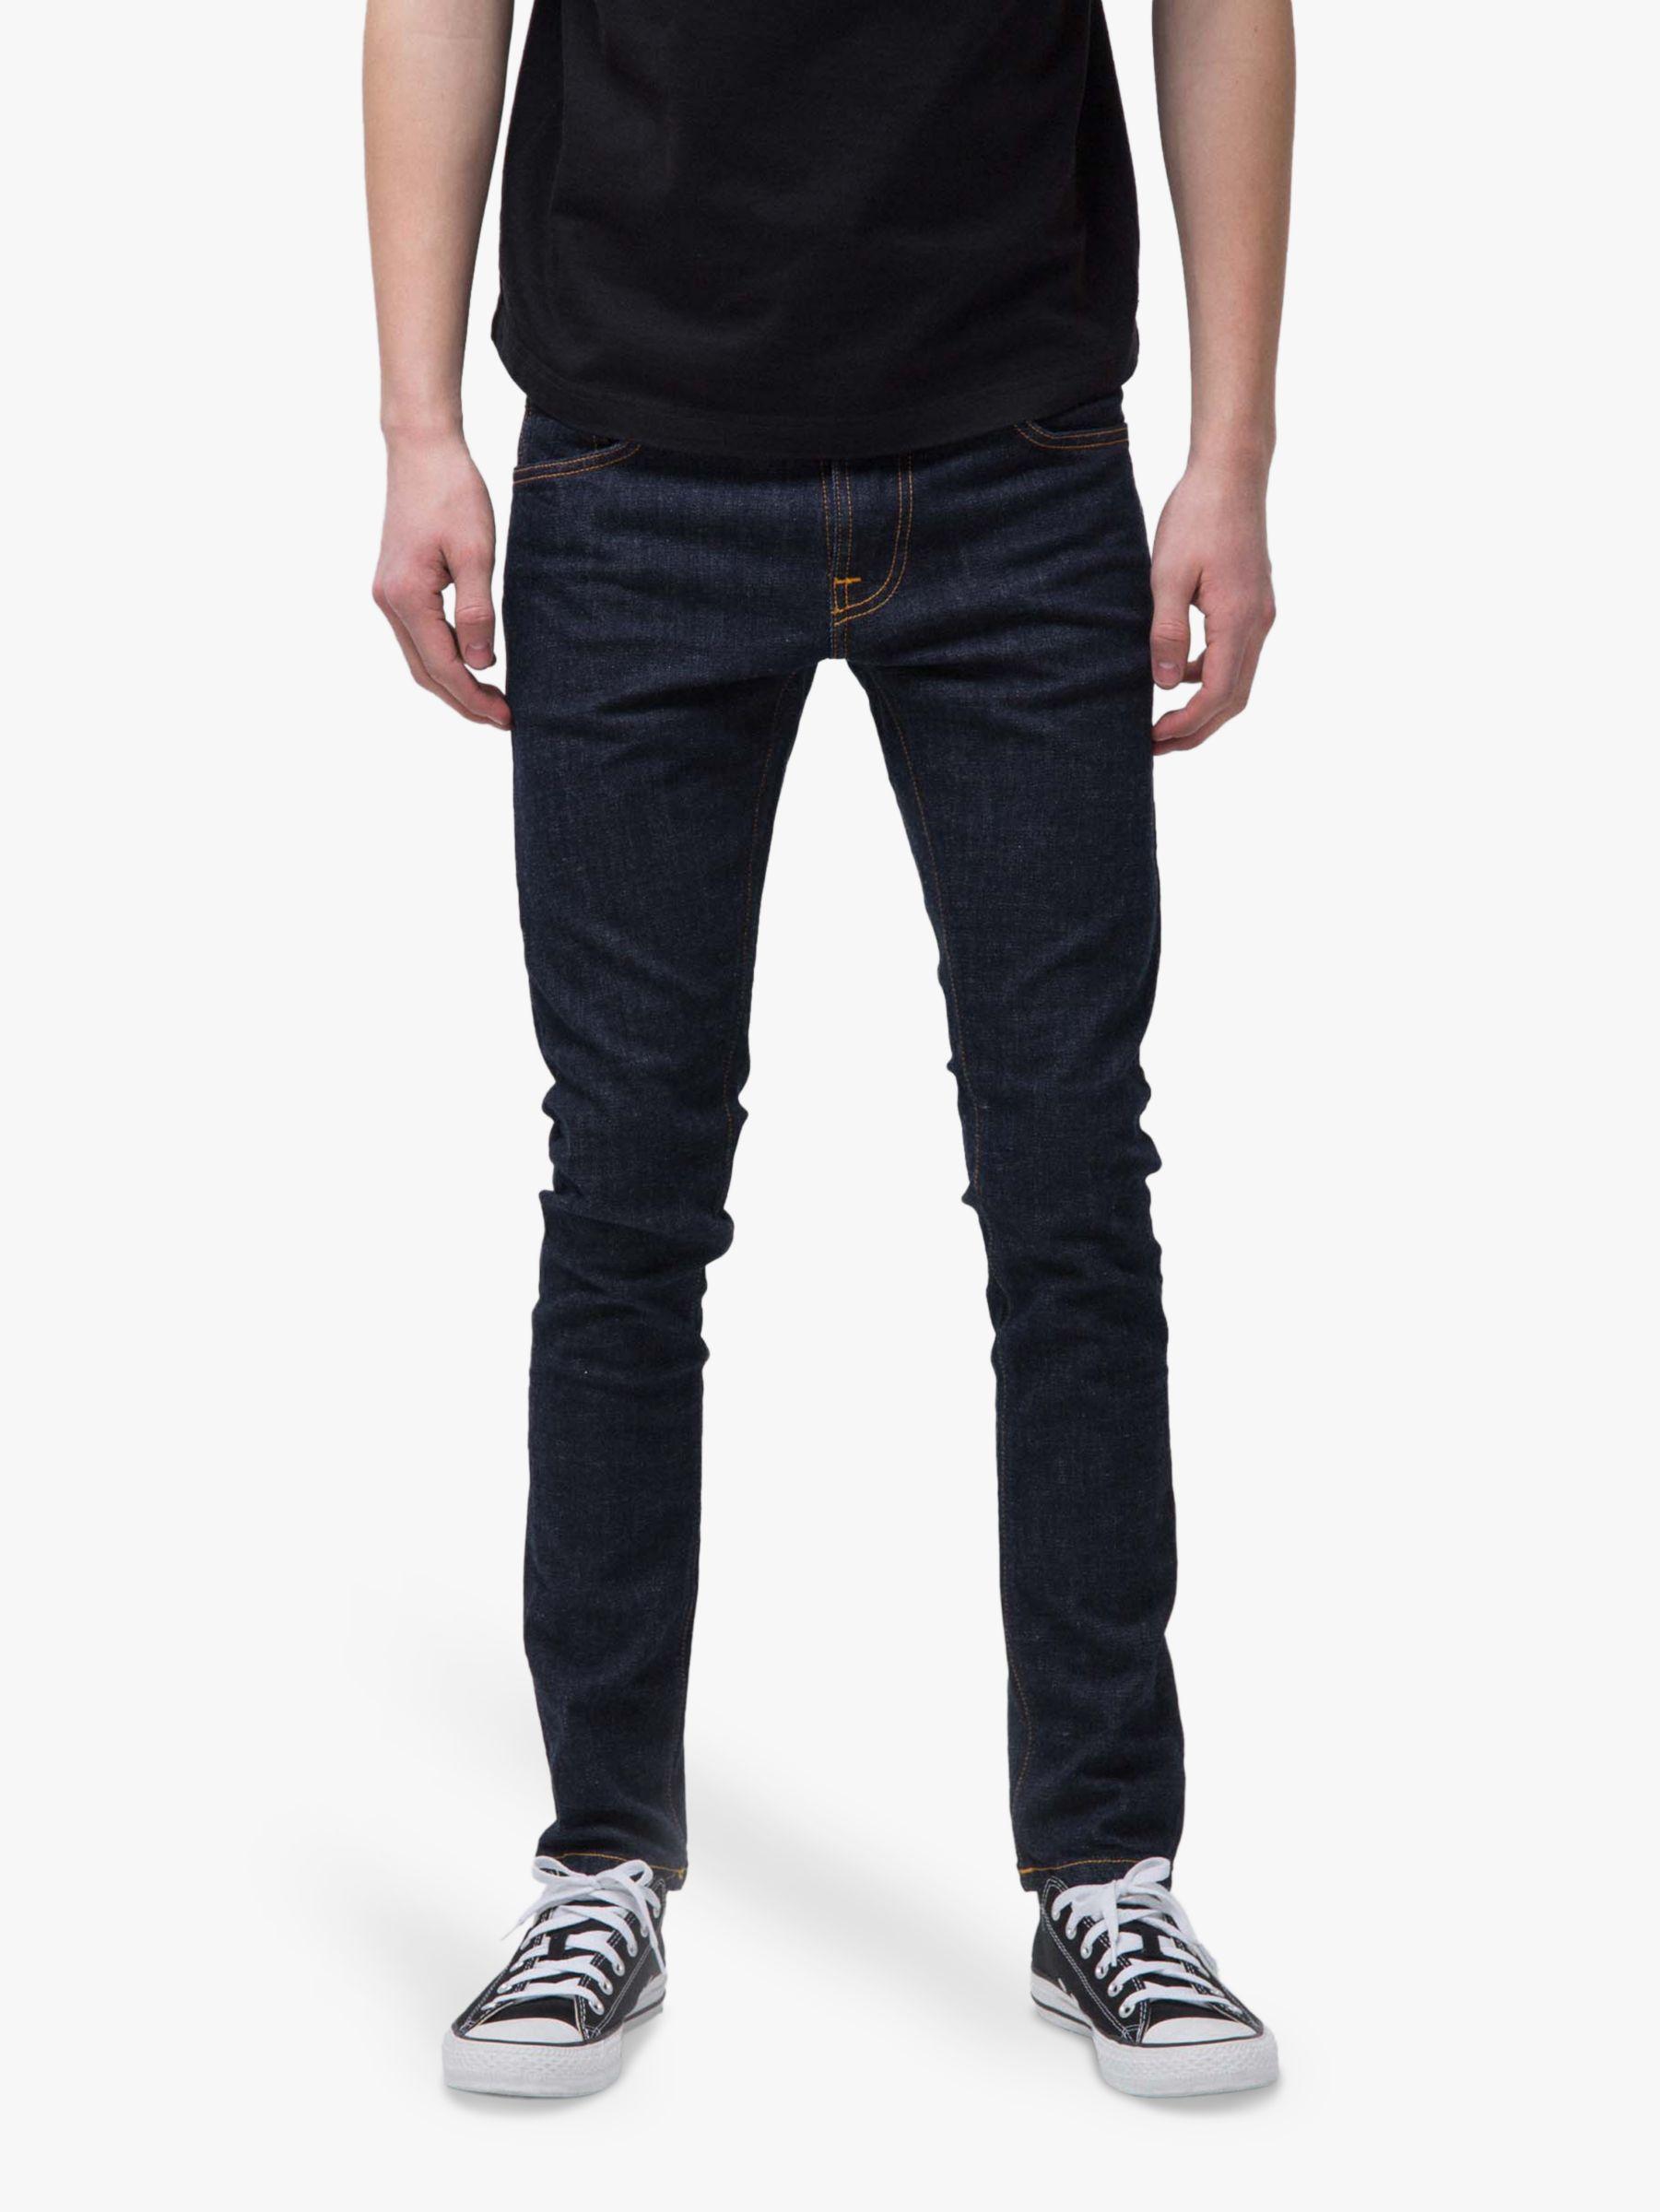 Nudie Jeans Nudie Jeans Slim Tight Terry Jeans, Rinse Twill